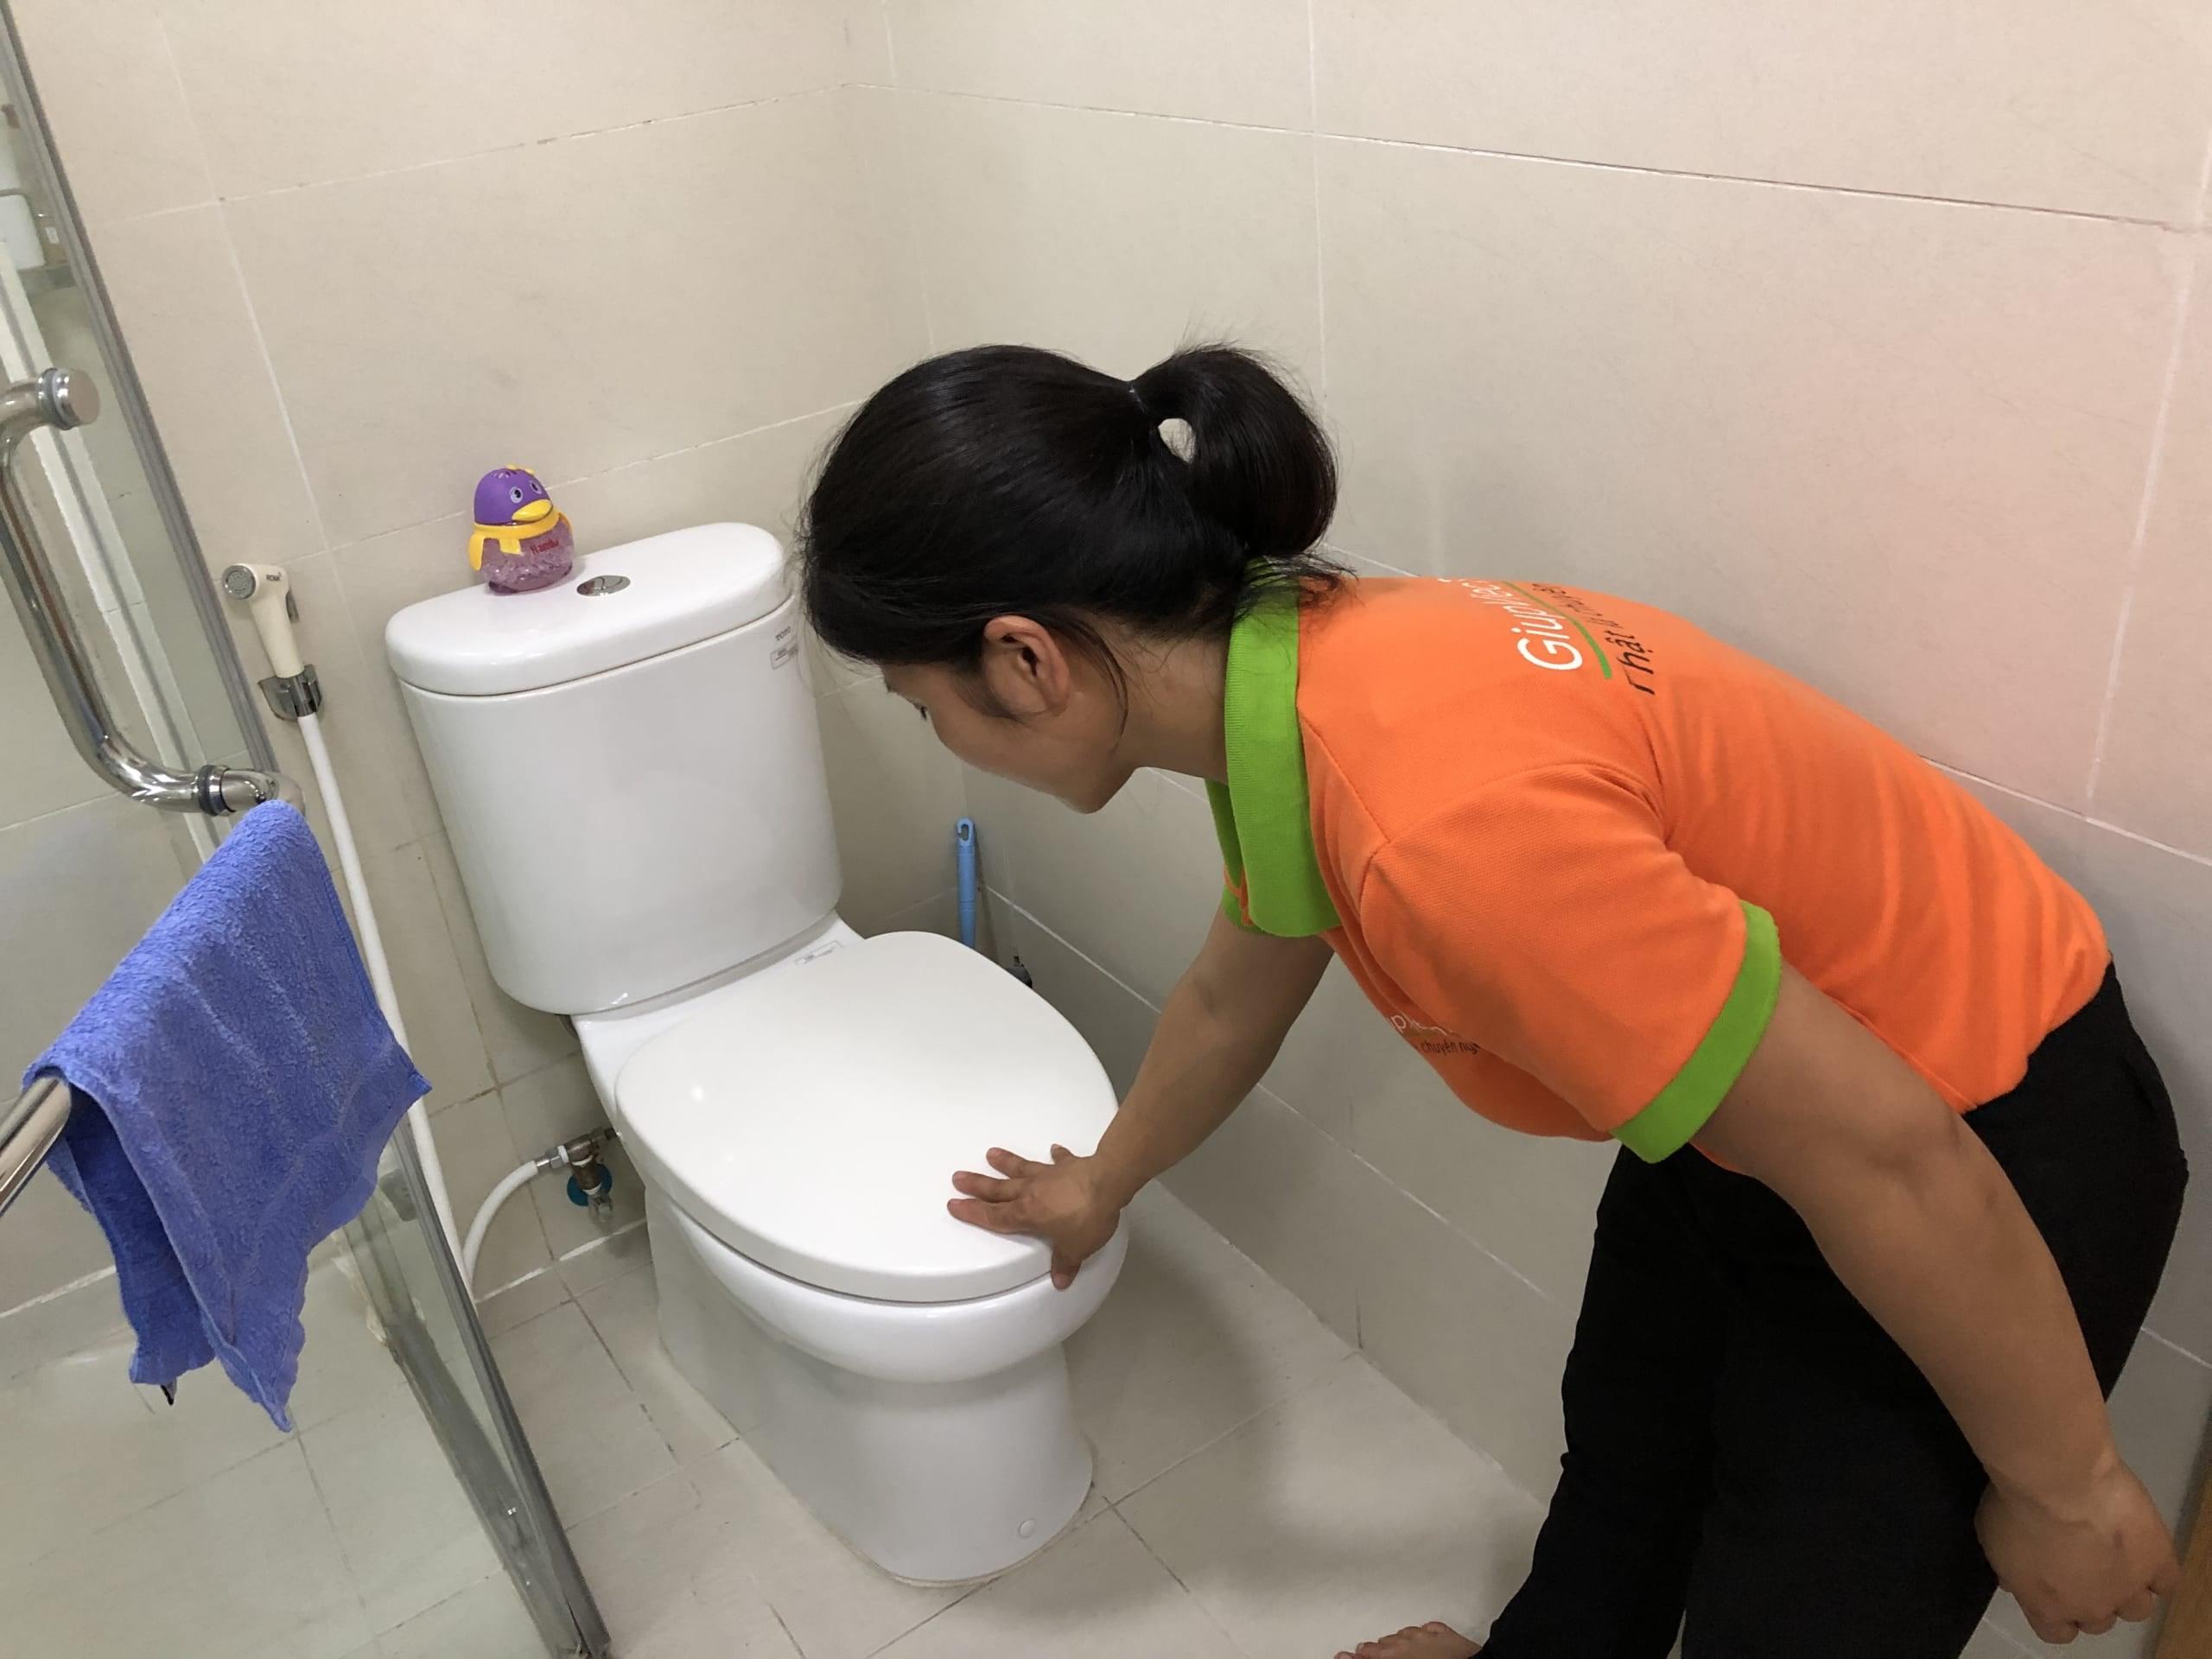 Dịch vụ dọn dẹp vệ sinh nhà cửa giá rẻ, uy tín không phải ai cũng biết